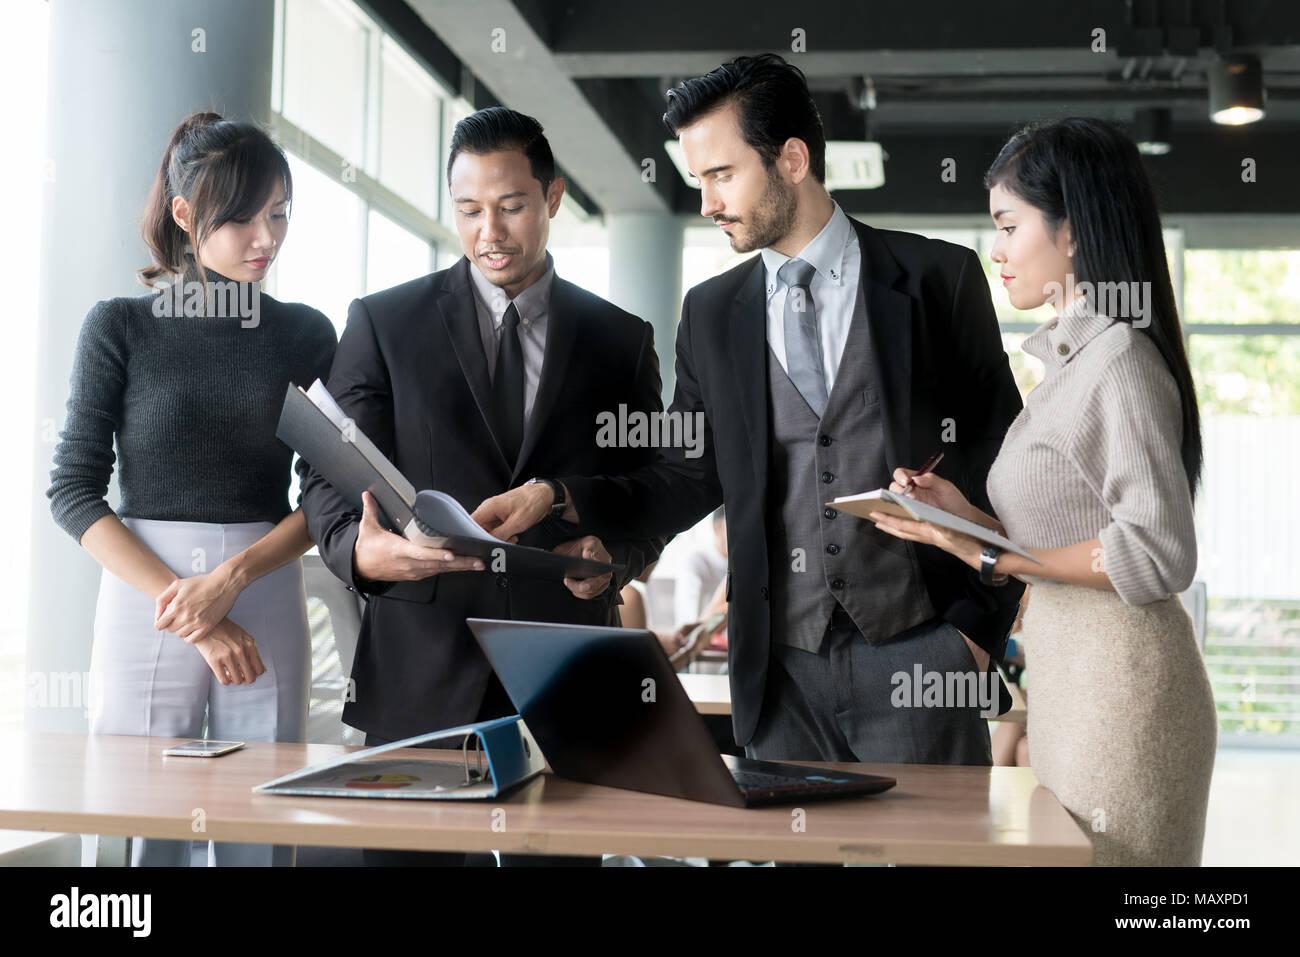 Smart manager expliquant réunion interne à son équipe de projet dans un bureau moderne. Le groupe ethnique de personne d'affaires en litige. Projet et Business c Photo Stock